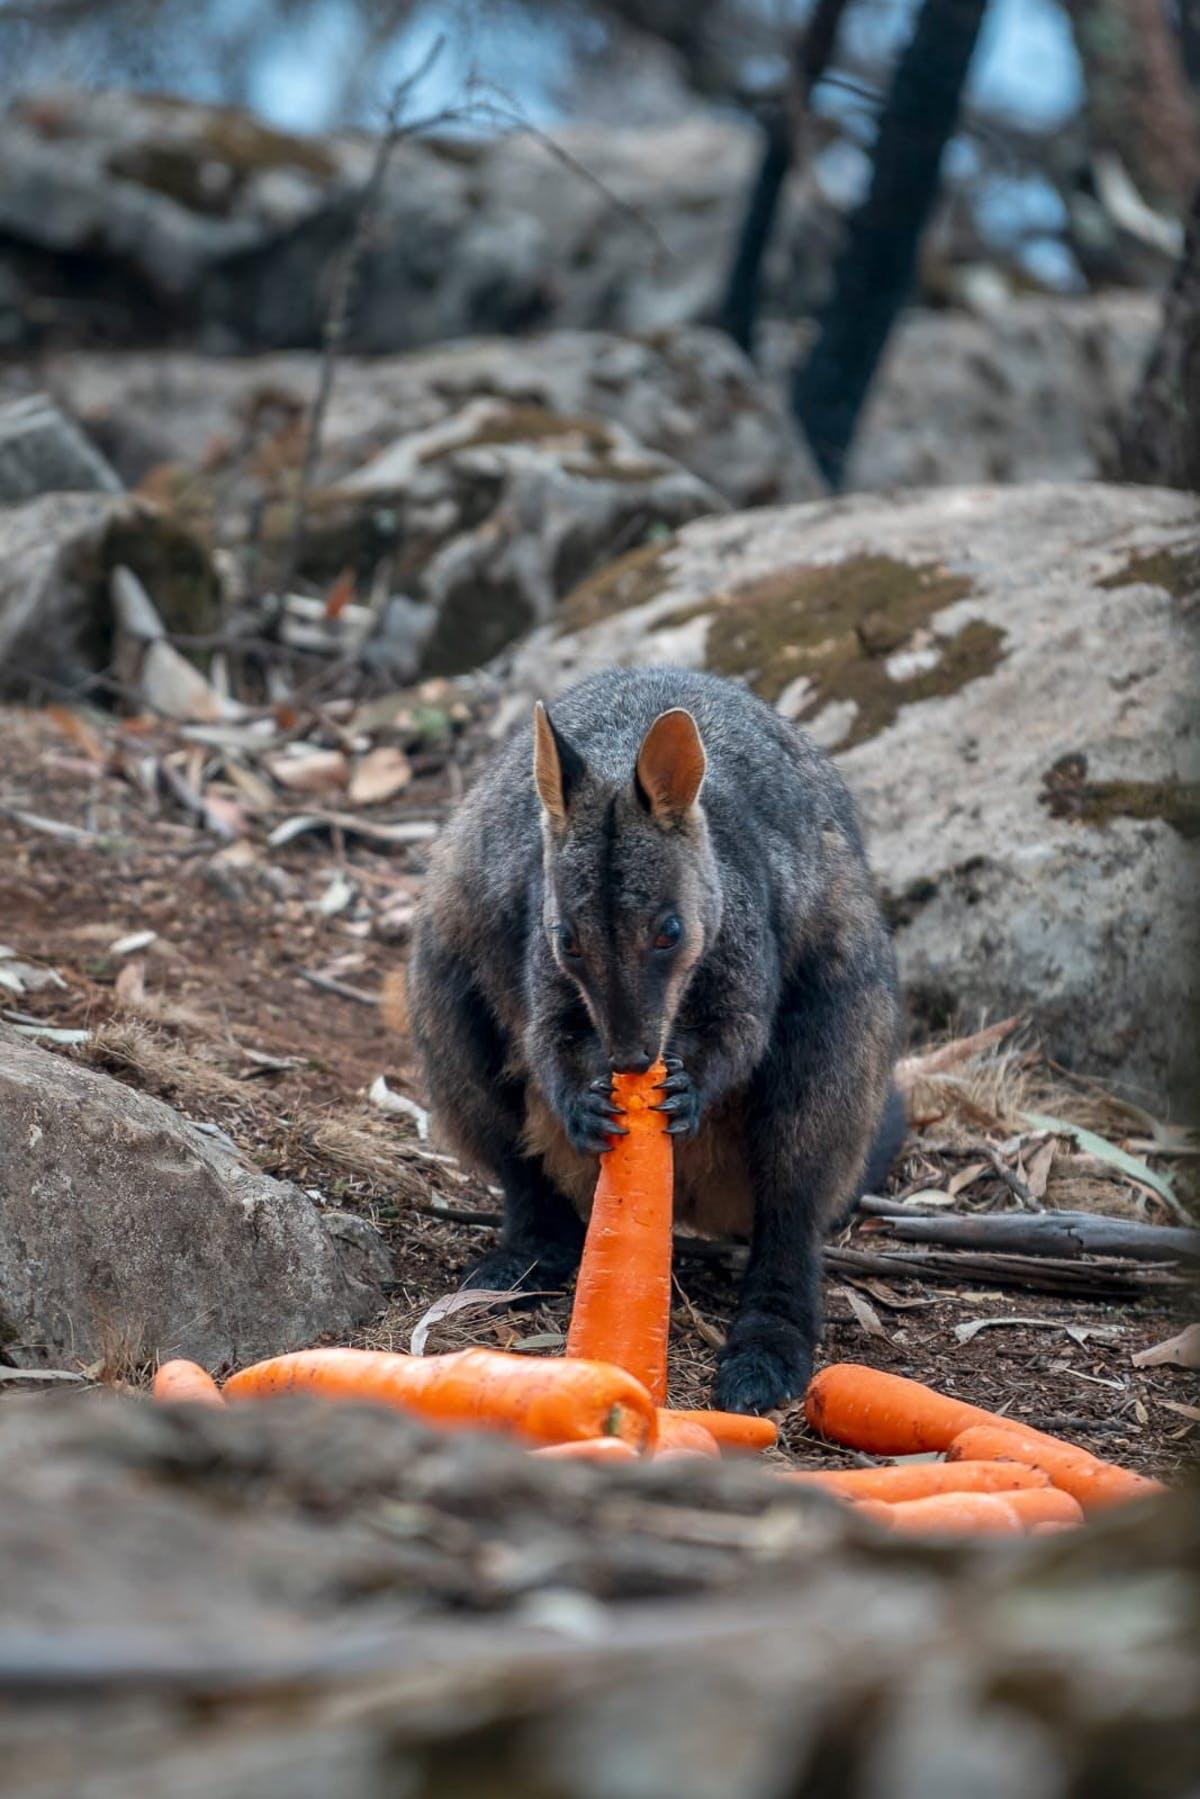 Australia: Helicópteros lanzan zanahorias y agua para alimentar a walabíes que se recuperan de los incendios